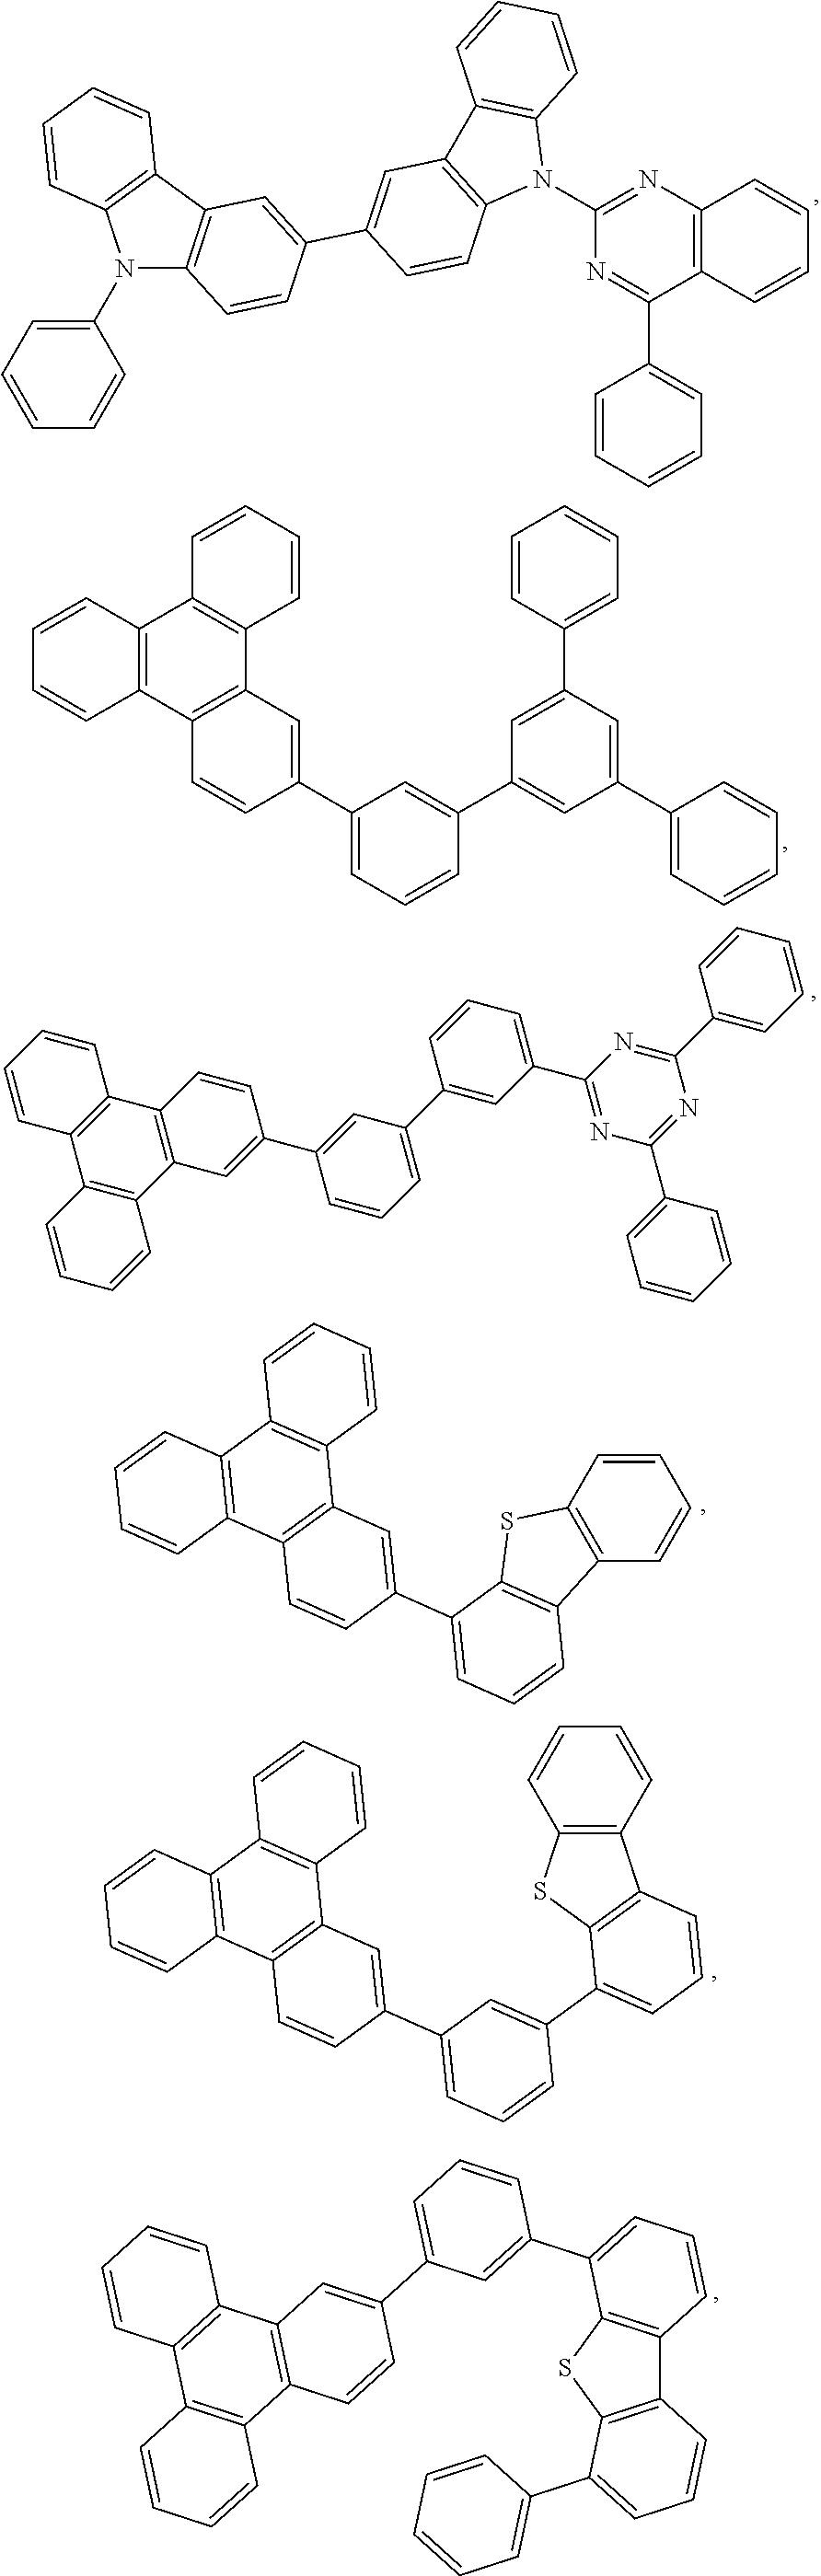 Figure US20180130962A1-20180510-C00130